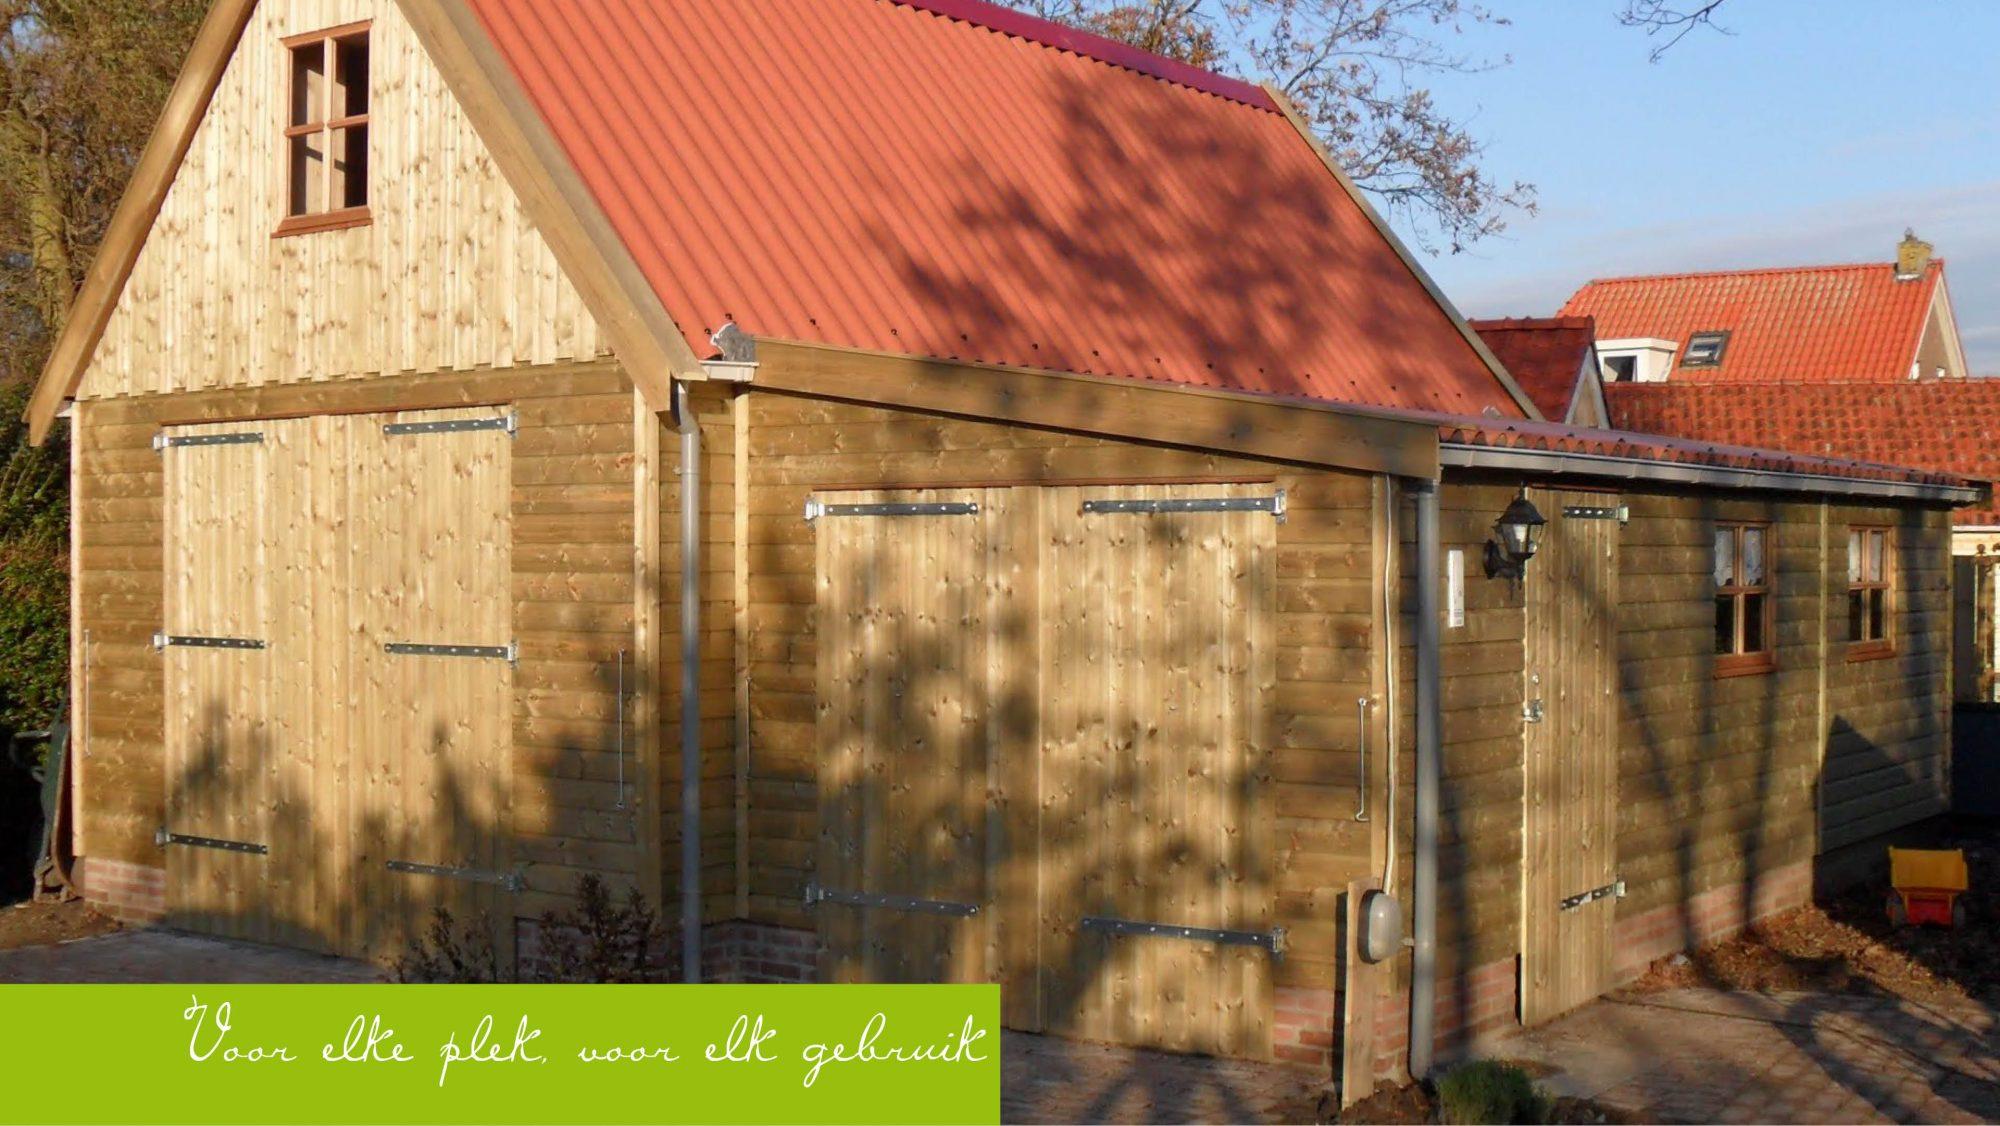 Houten Garage Prijs : Houten garage olja buitenleven